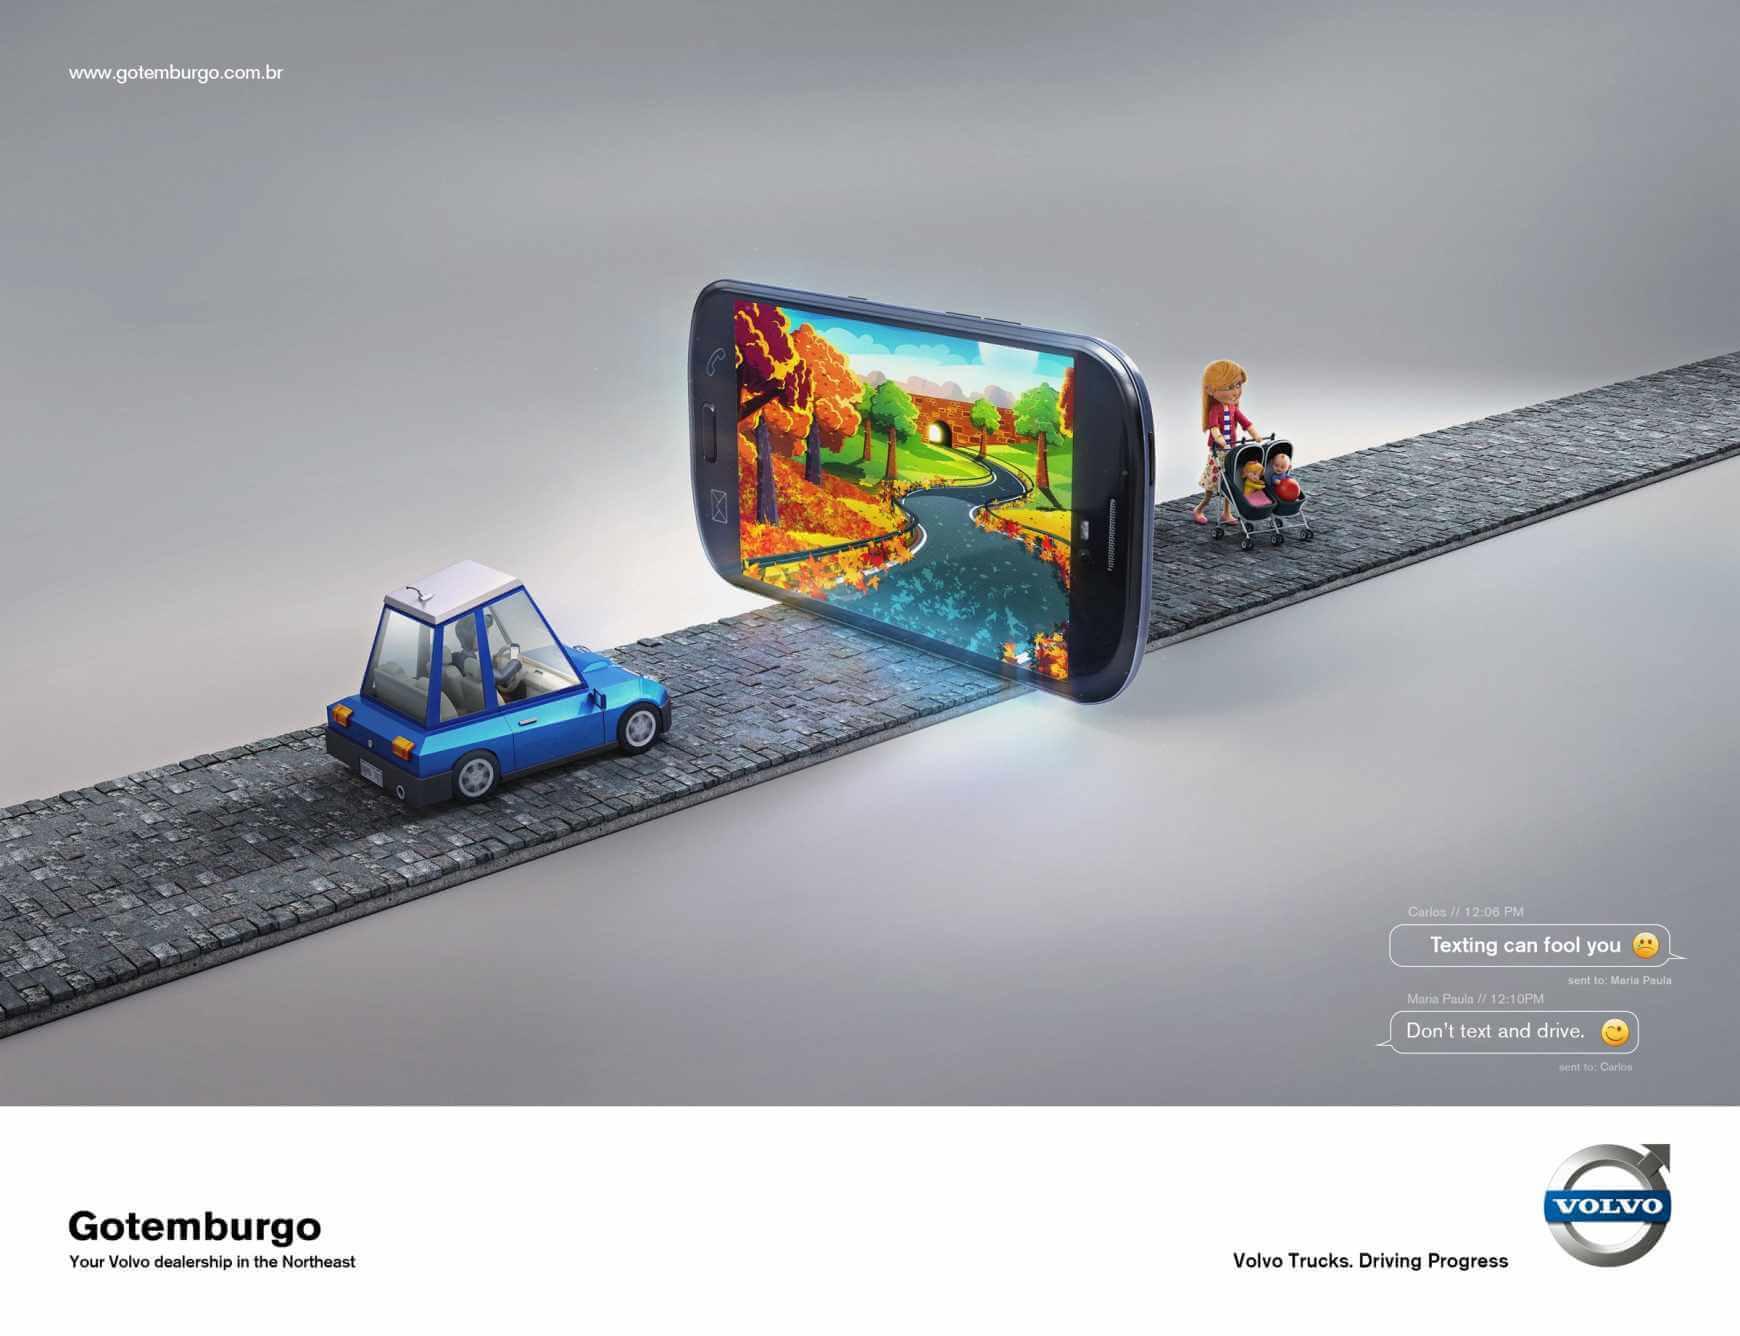 Gotemburgo Volvo: Ilusiones digitales